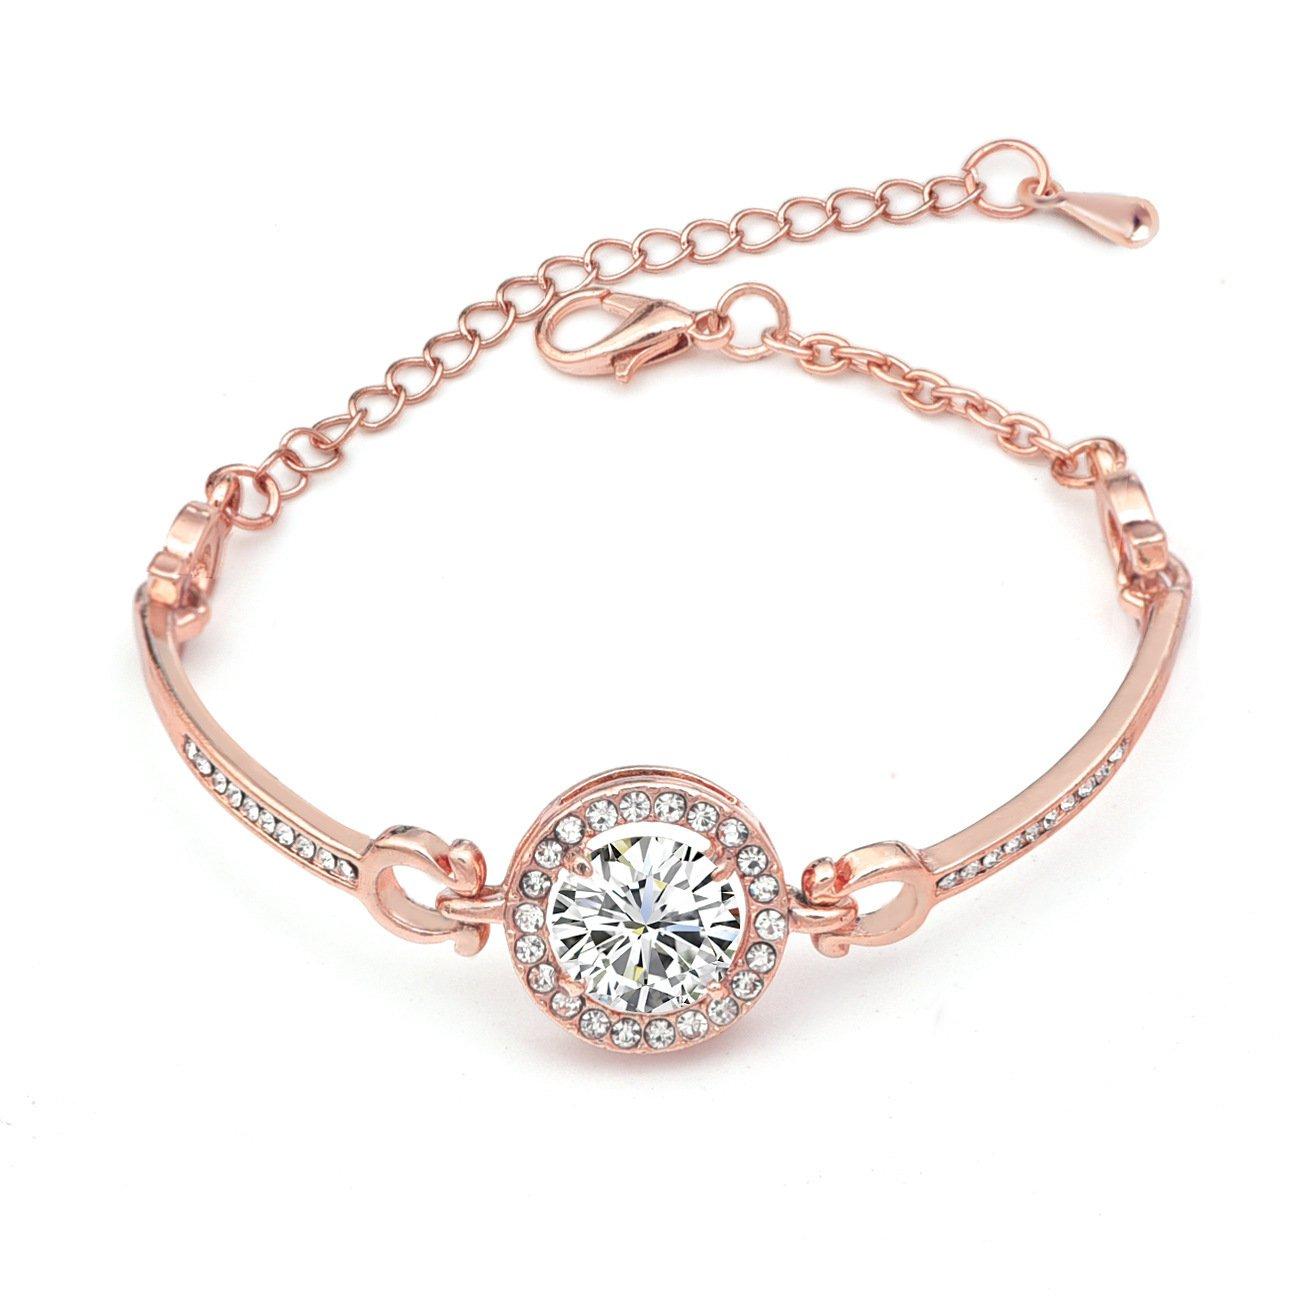 madalena Valentines Day Lovers Fashion Zircon Diamond Insert Bracelet